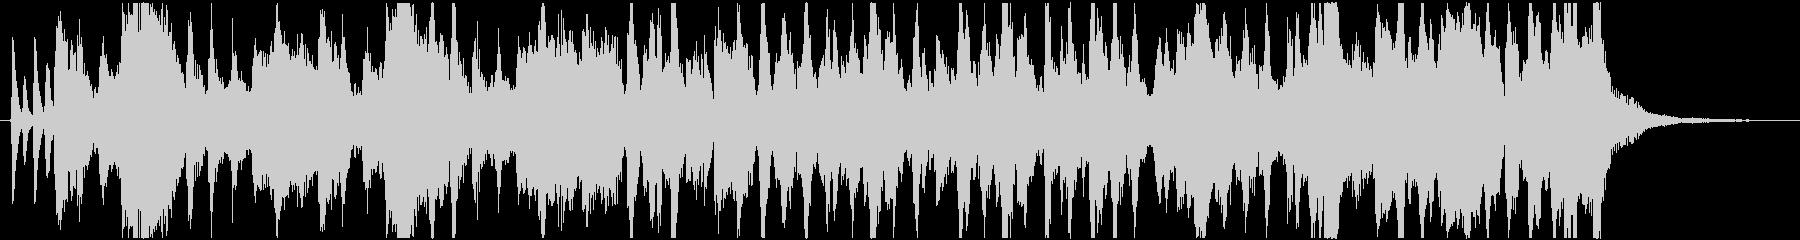 クイズ出題中BGMの未再生の波形